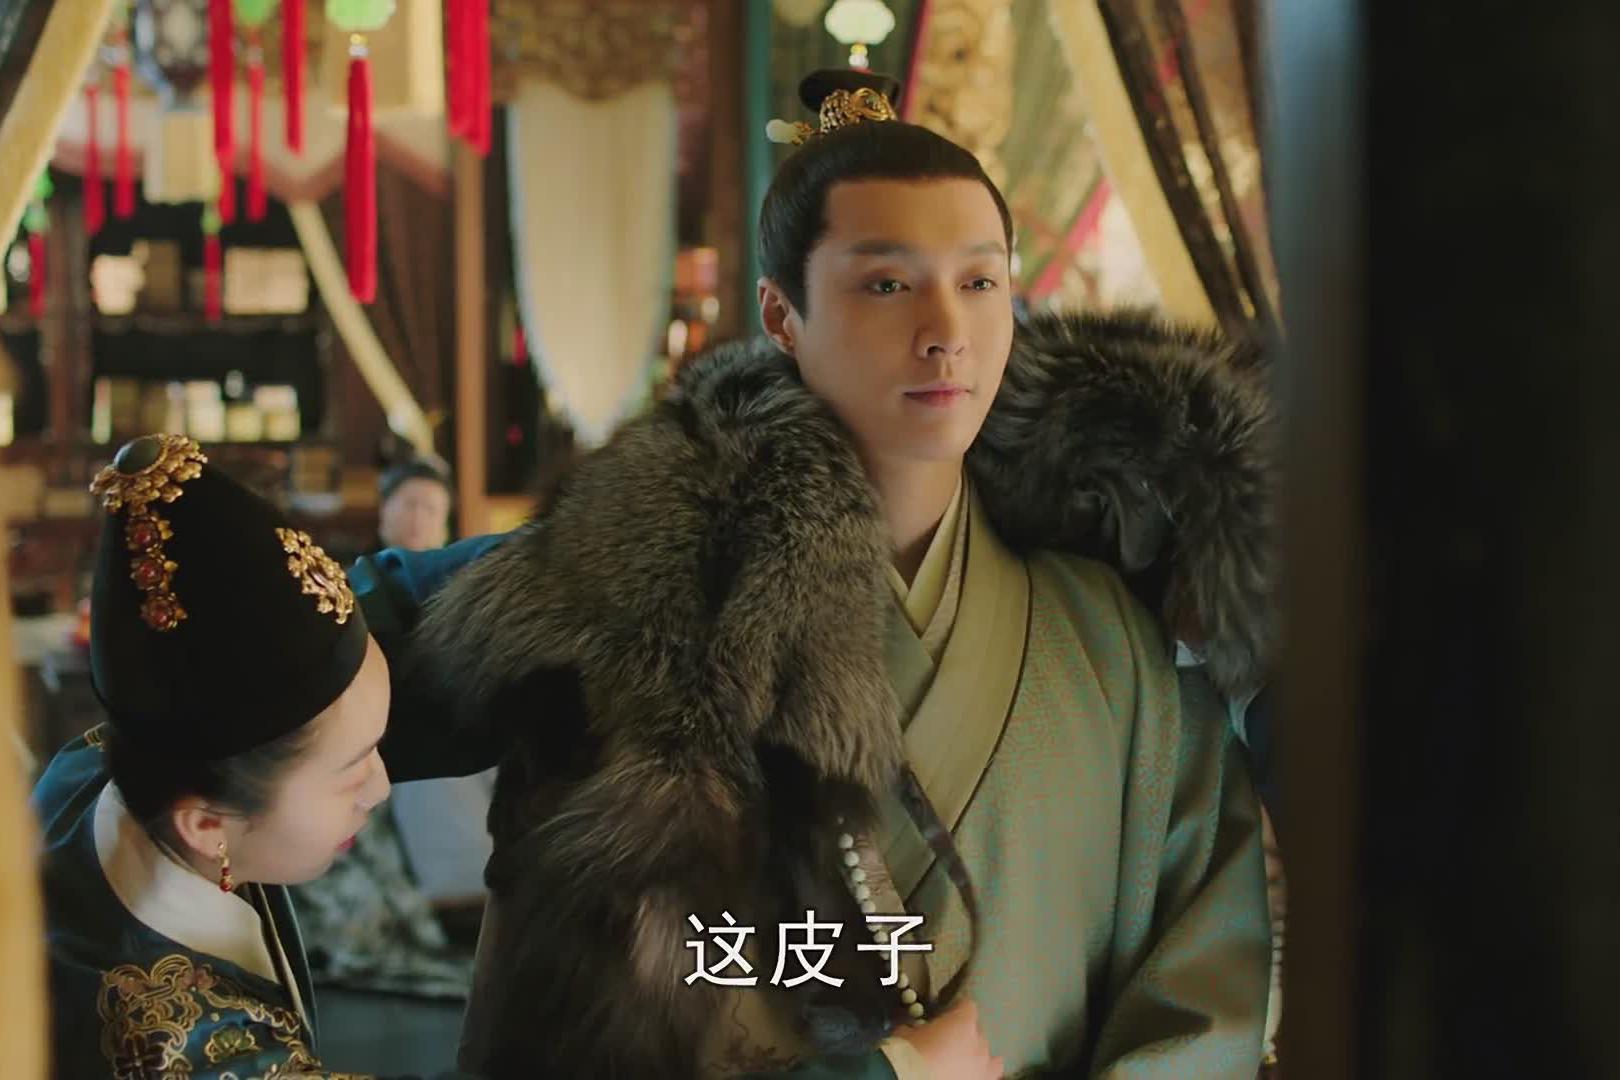 大明风华:第四大反派上线,害朱祁镇被俘虏,让大明王朝由盛转衰